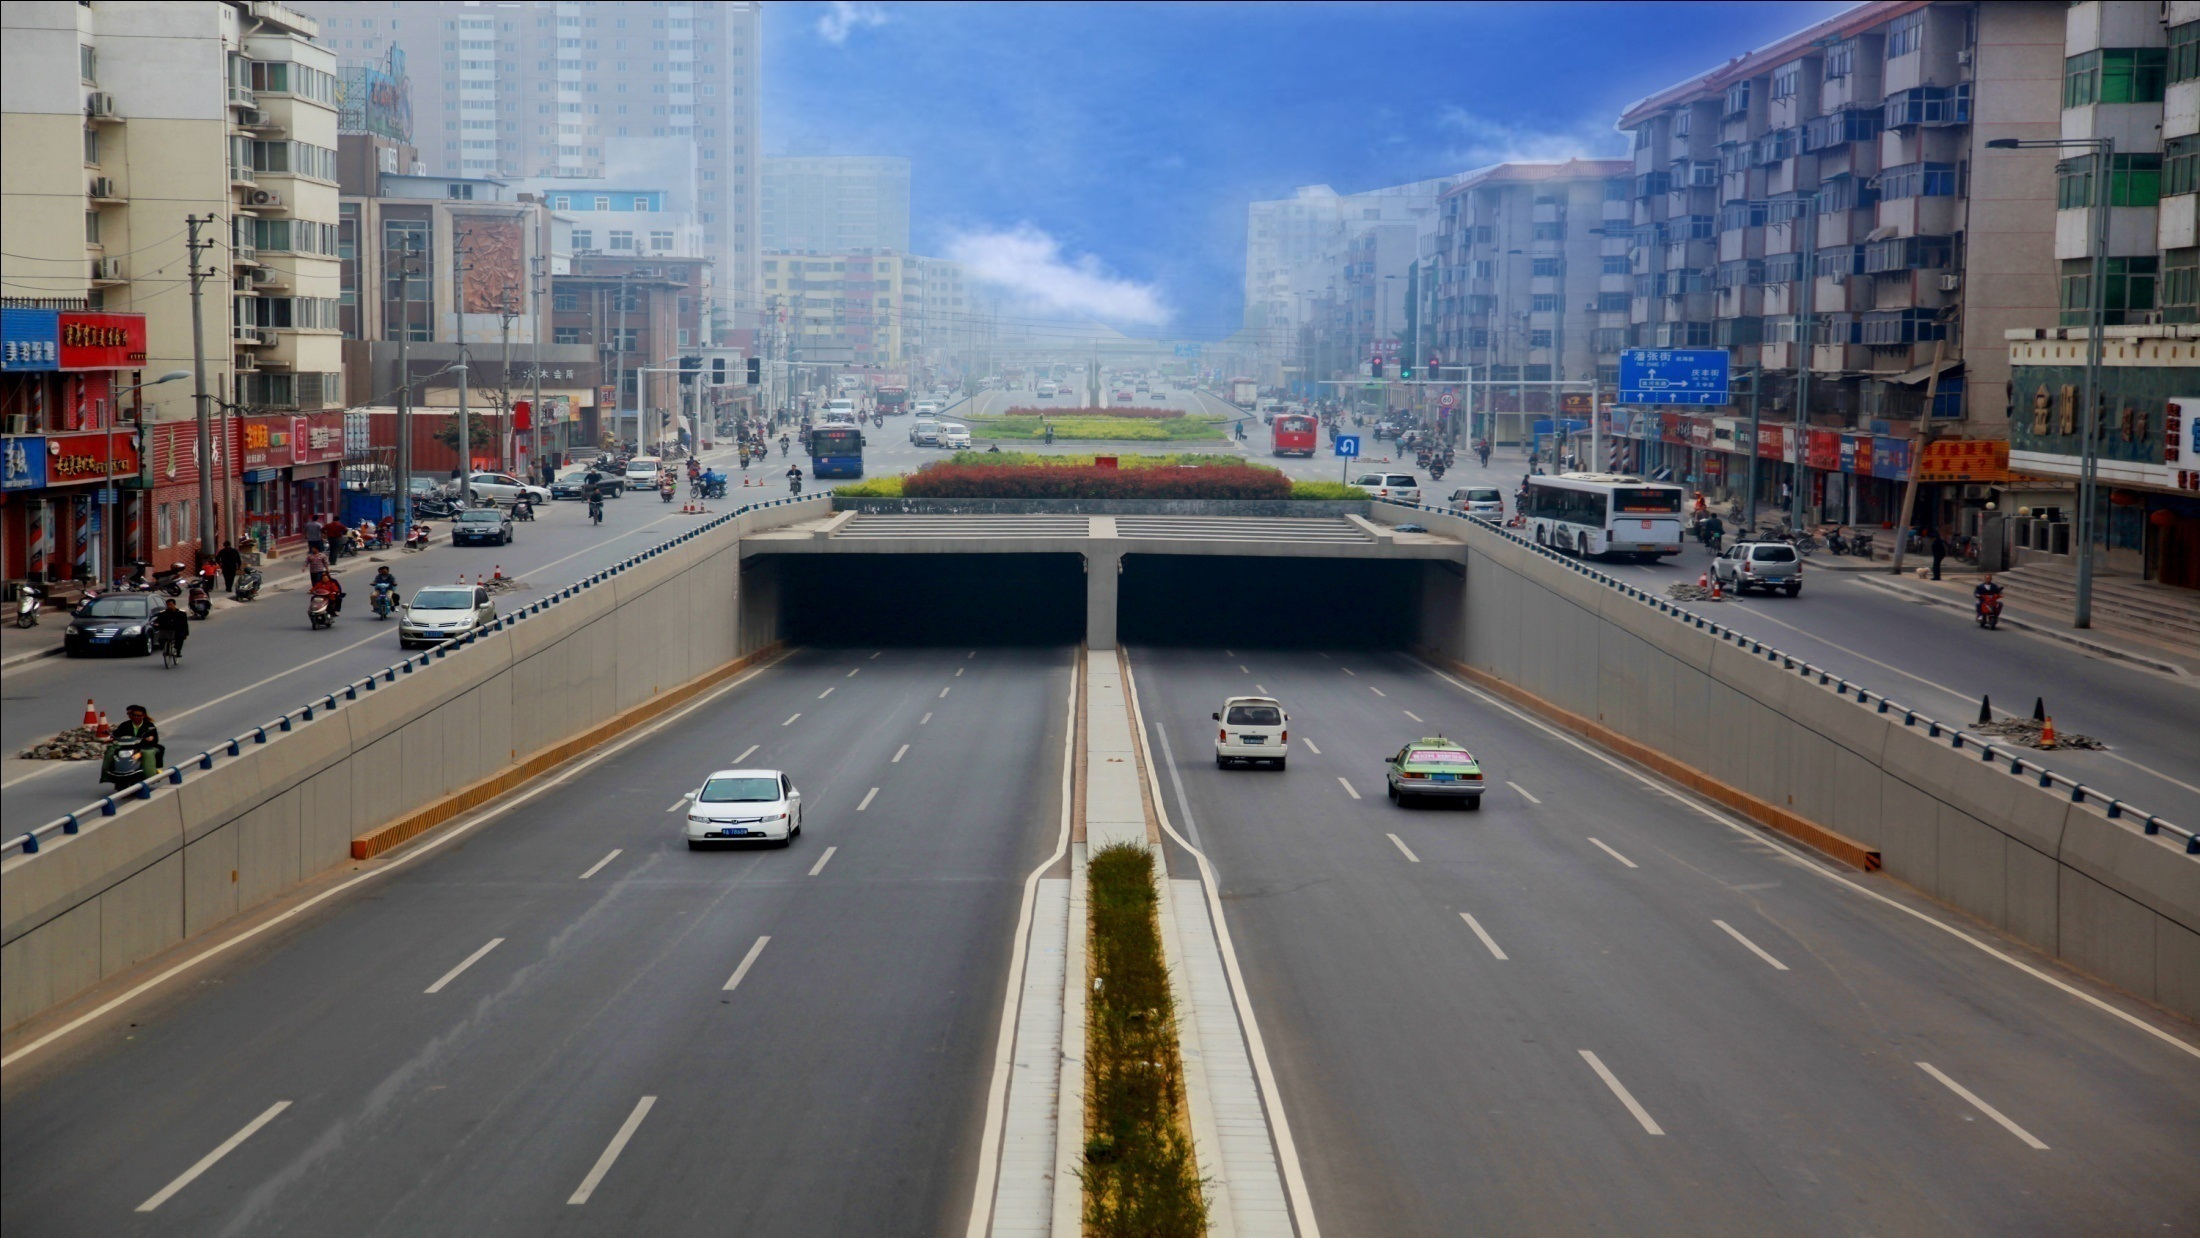 郑州市京广路—沙口路快速通道抓饭直播英超隧道三标